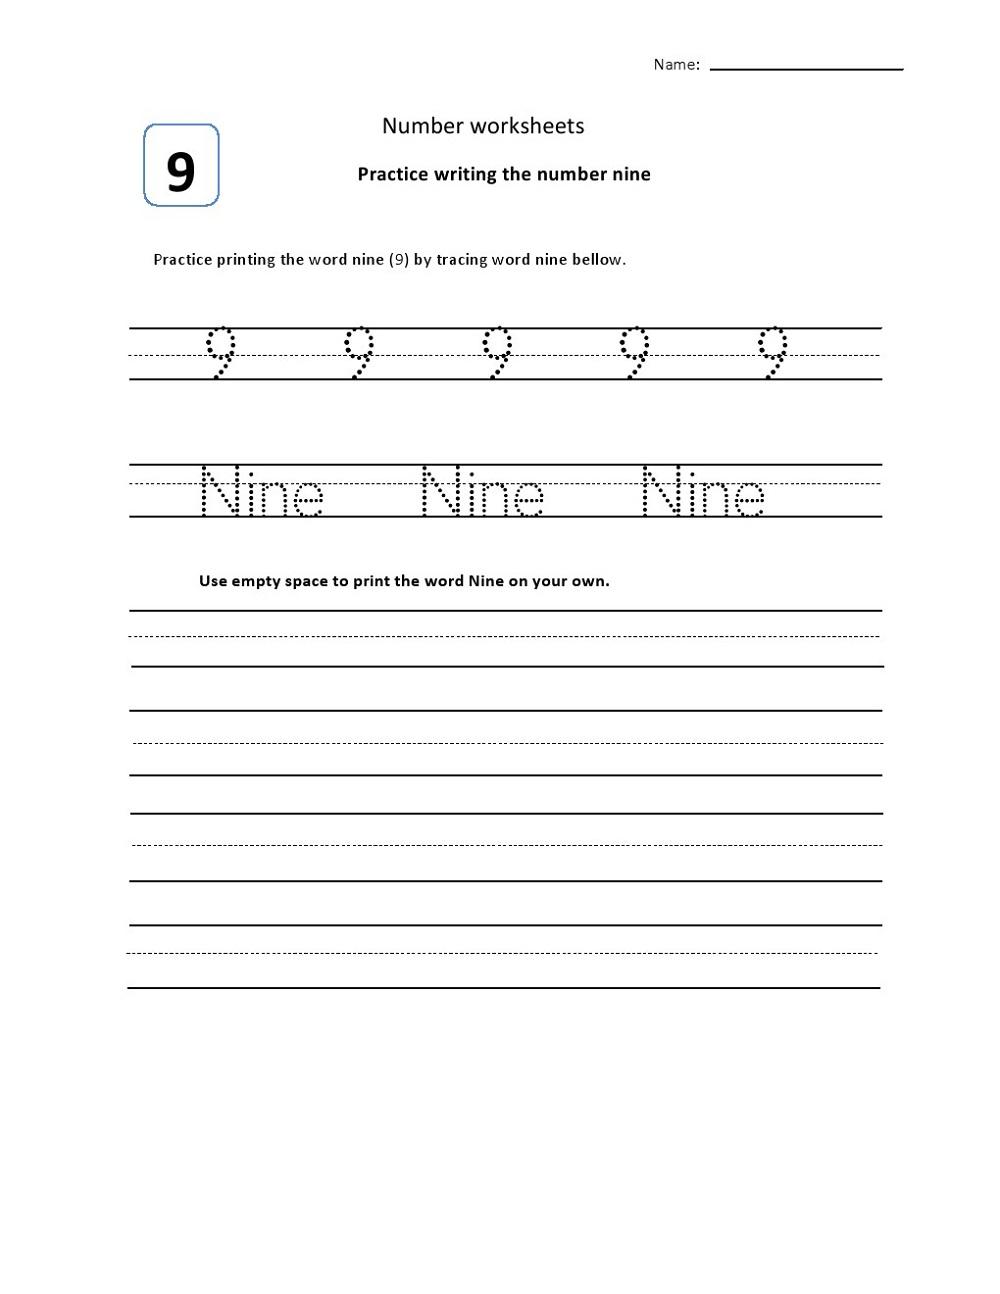 Number 9 Worksheets for Kindergarten